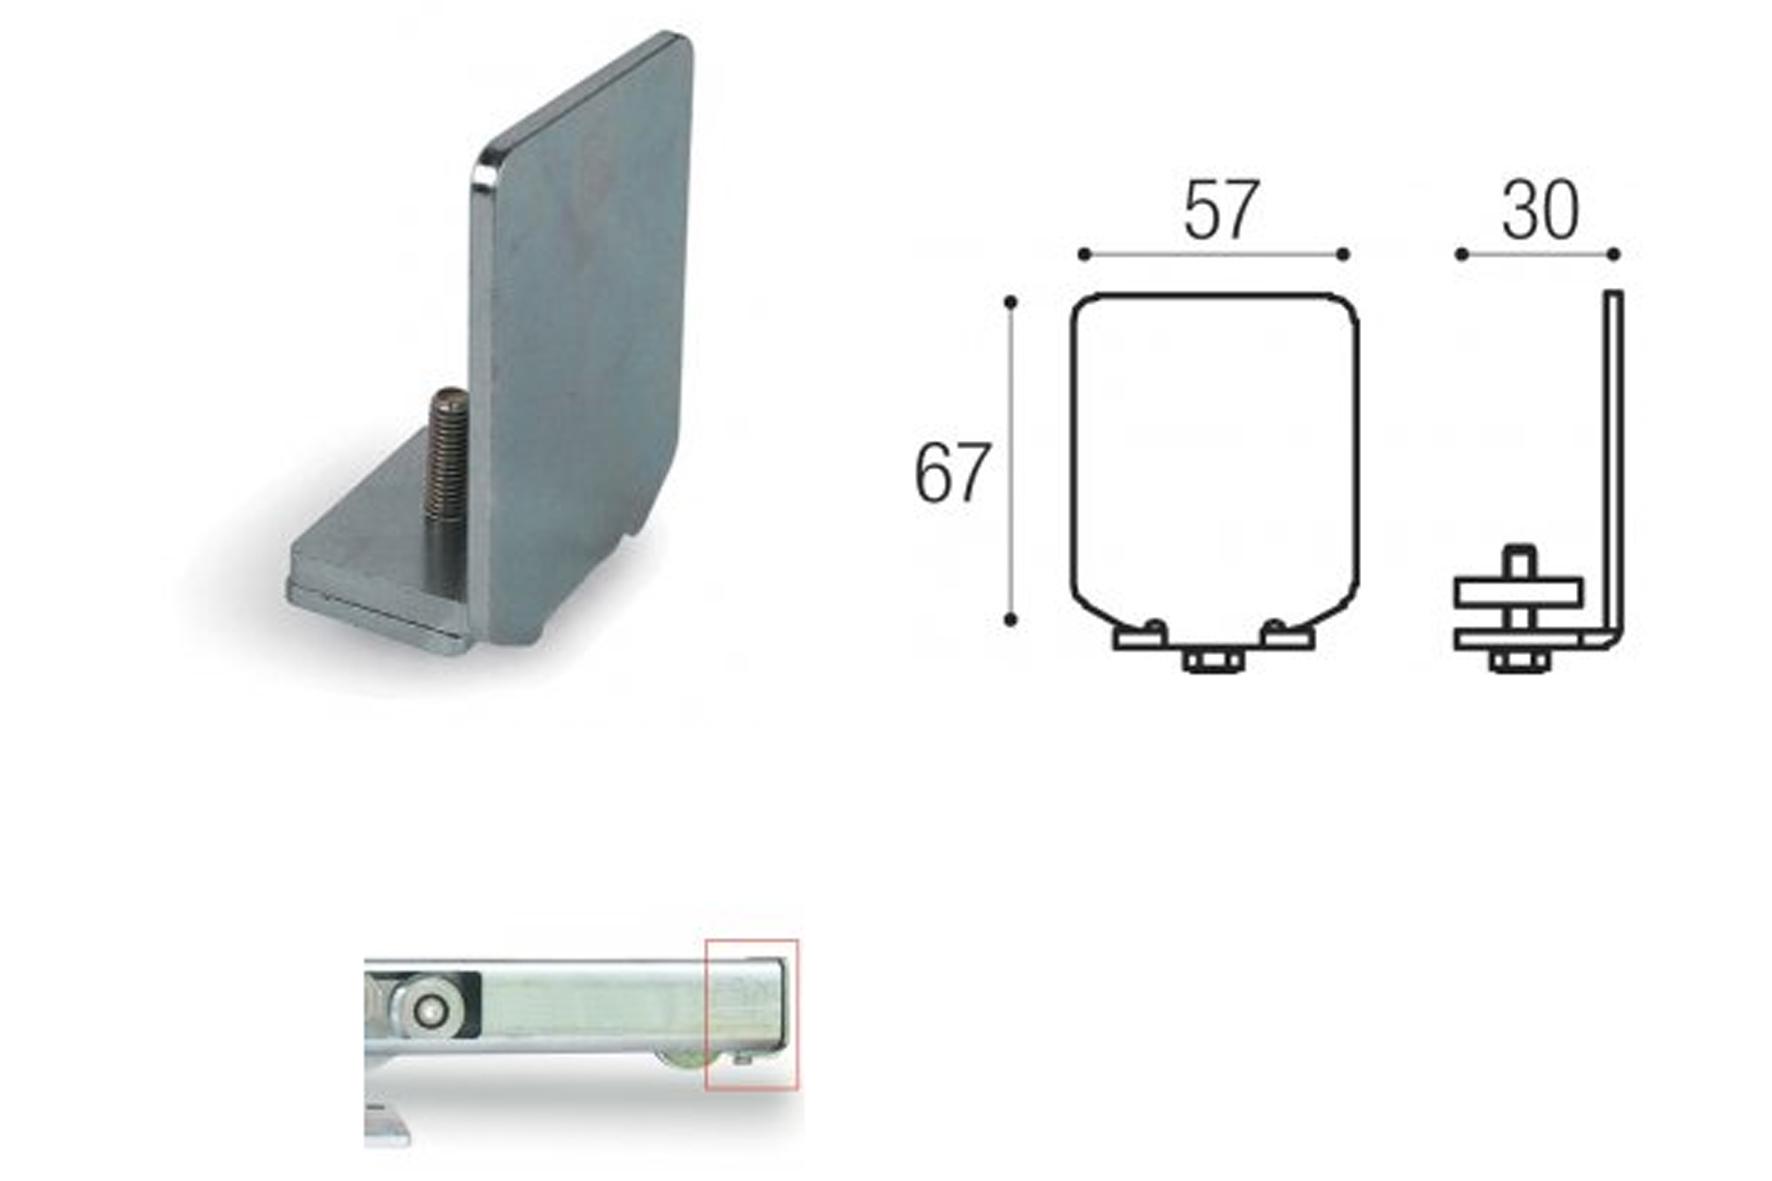 bouchon pour rail kit autoportant 2140 2160 achat en ligne ou dans notre magasin. Black Bedroom Furniture Sets. Home Design Ideas